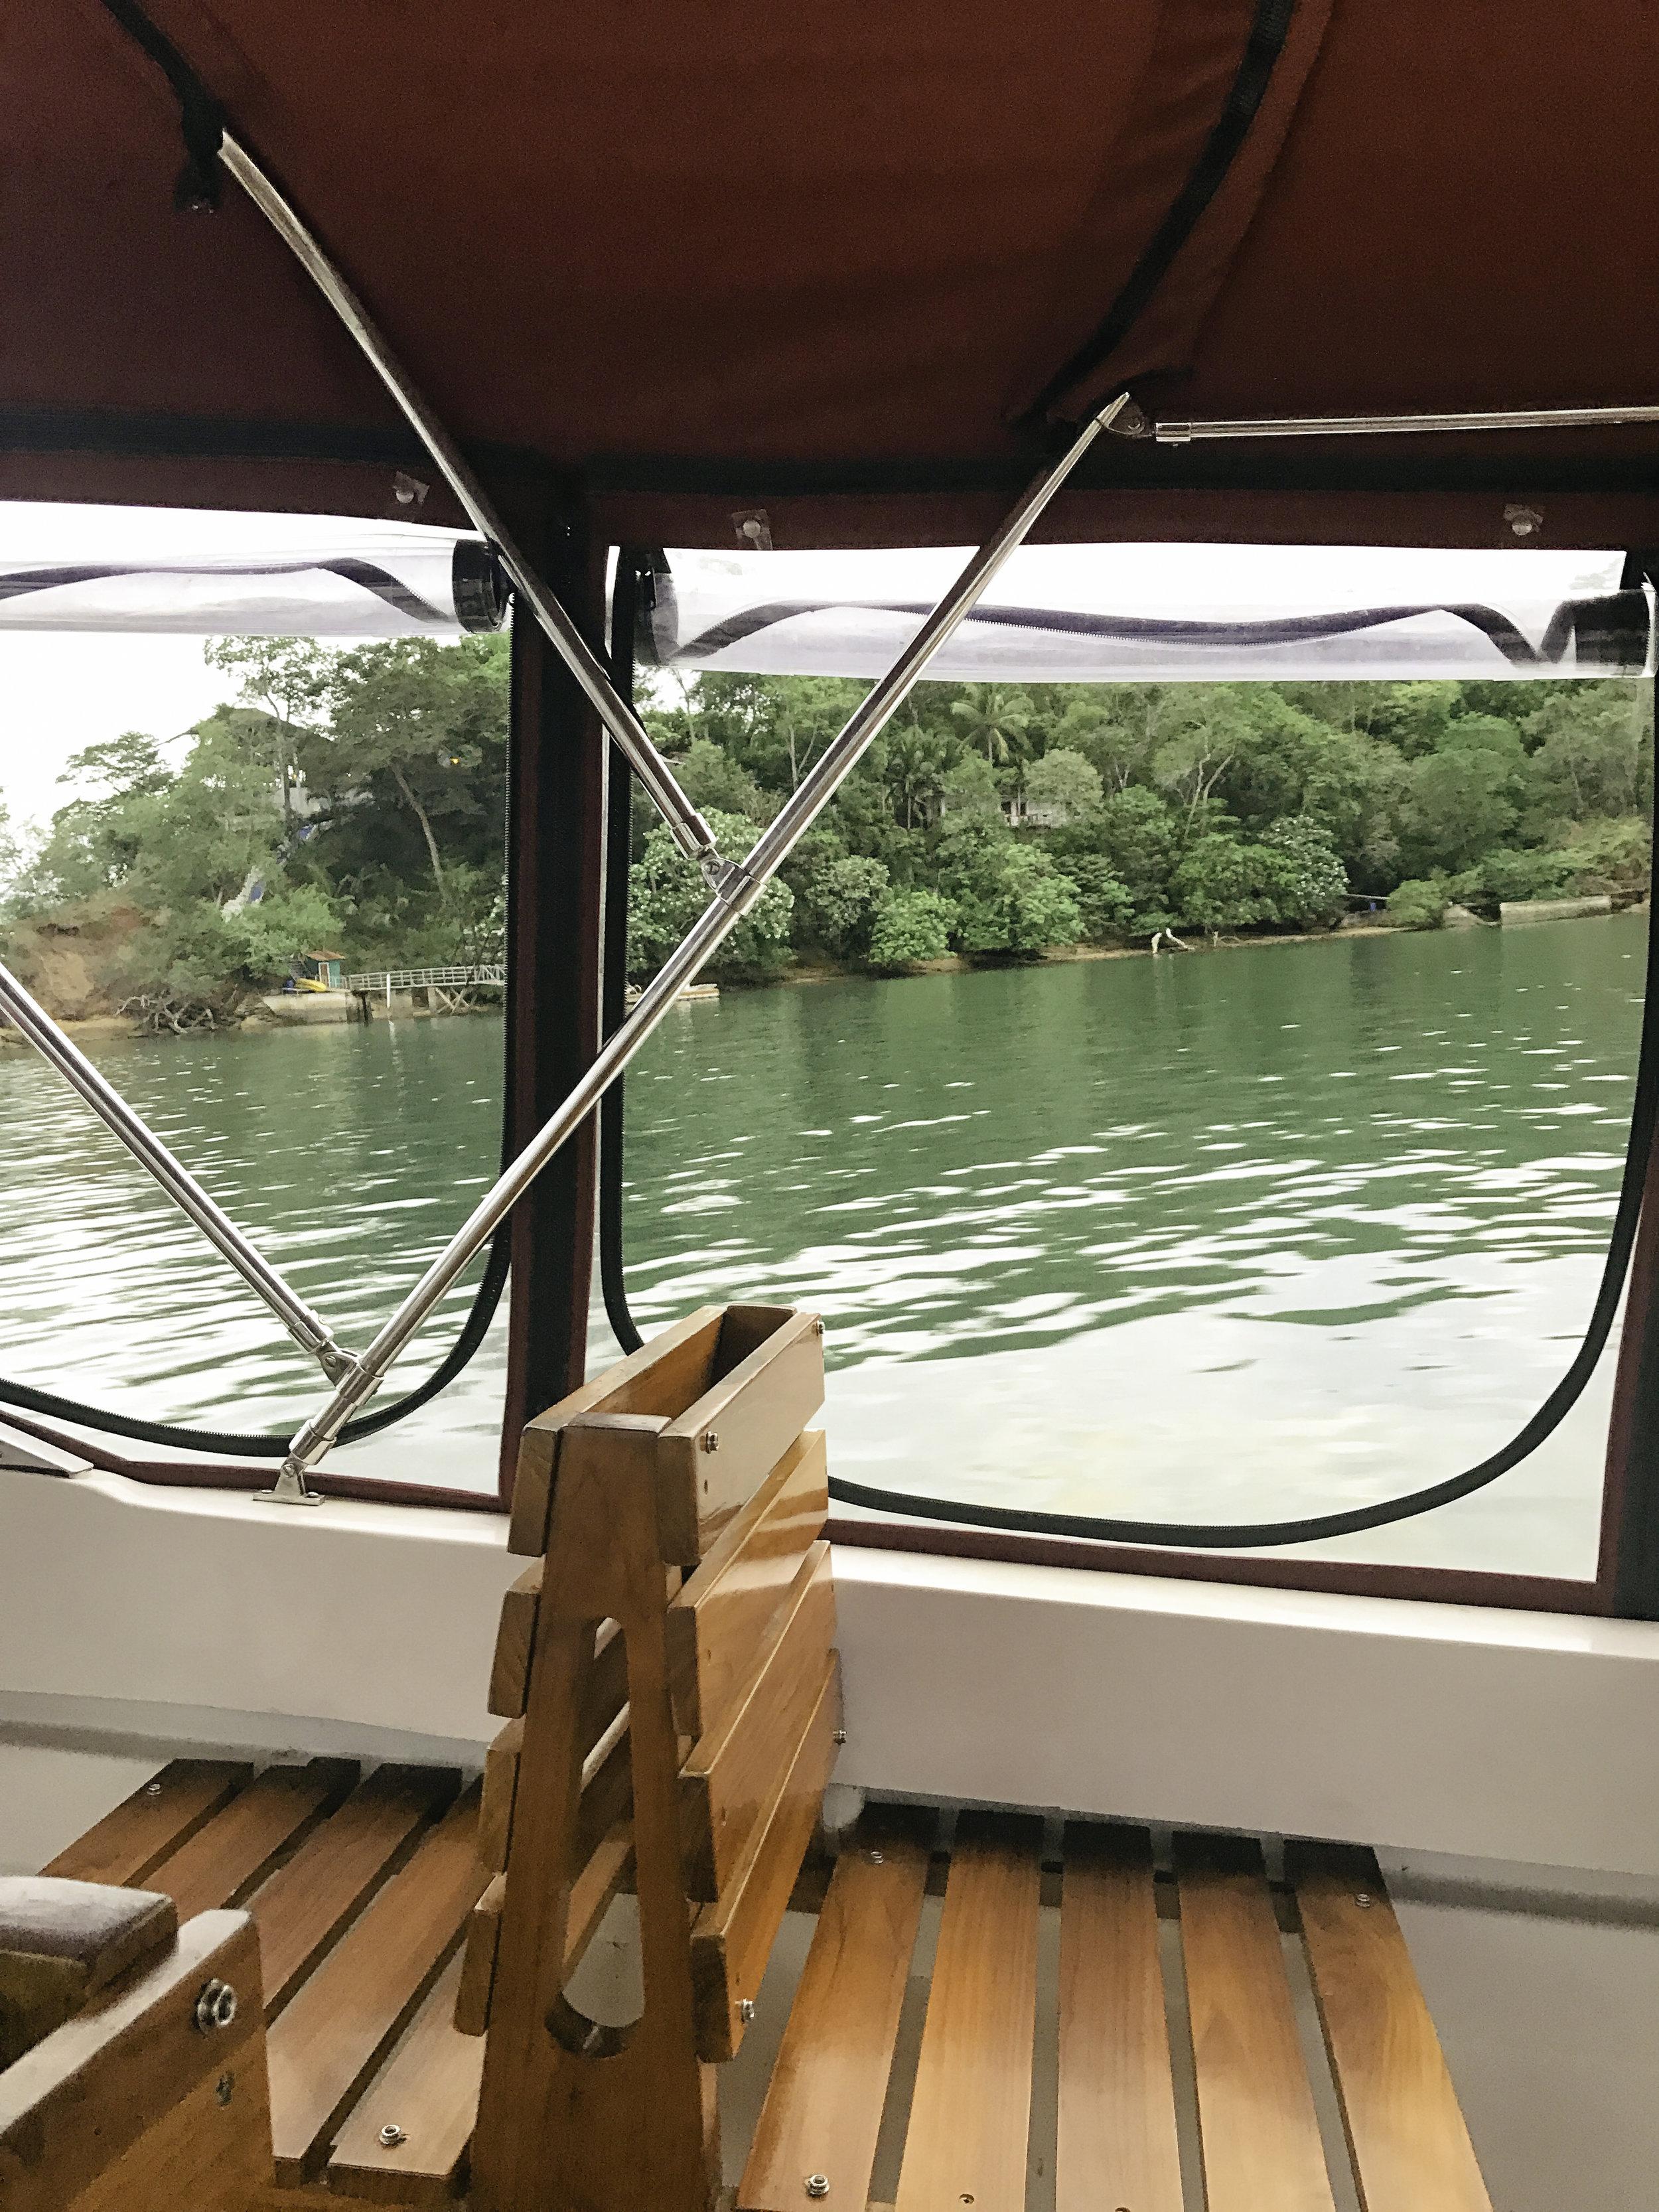 ride to isla palenque